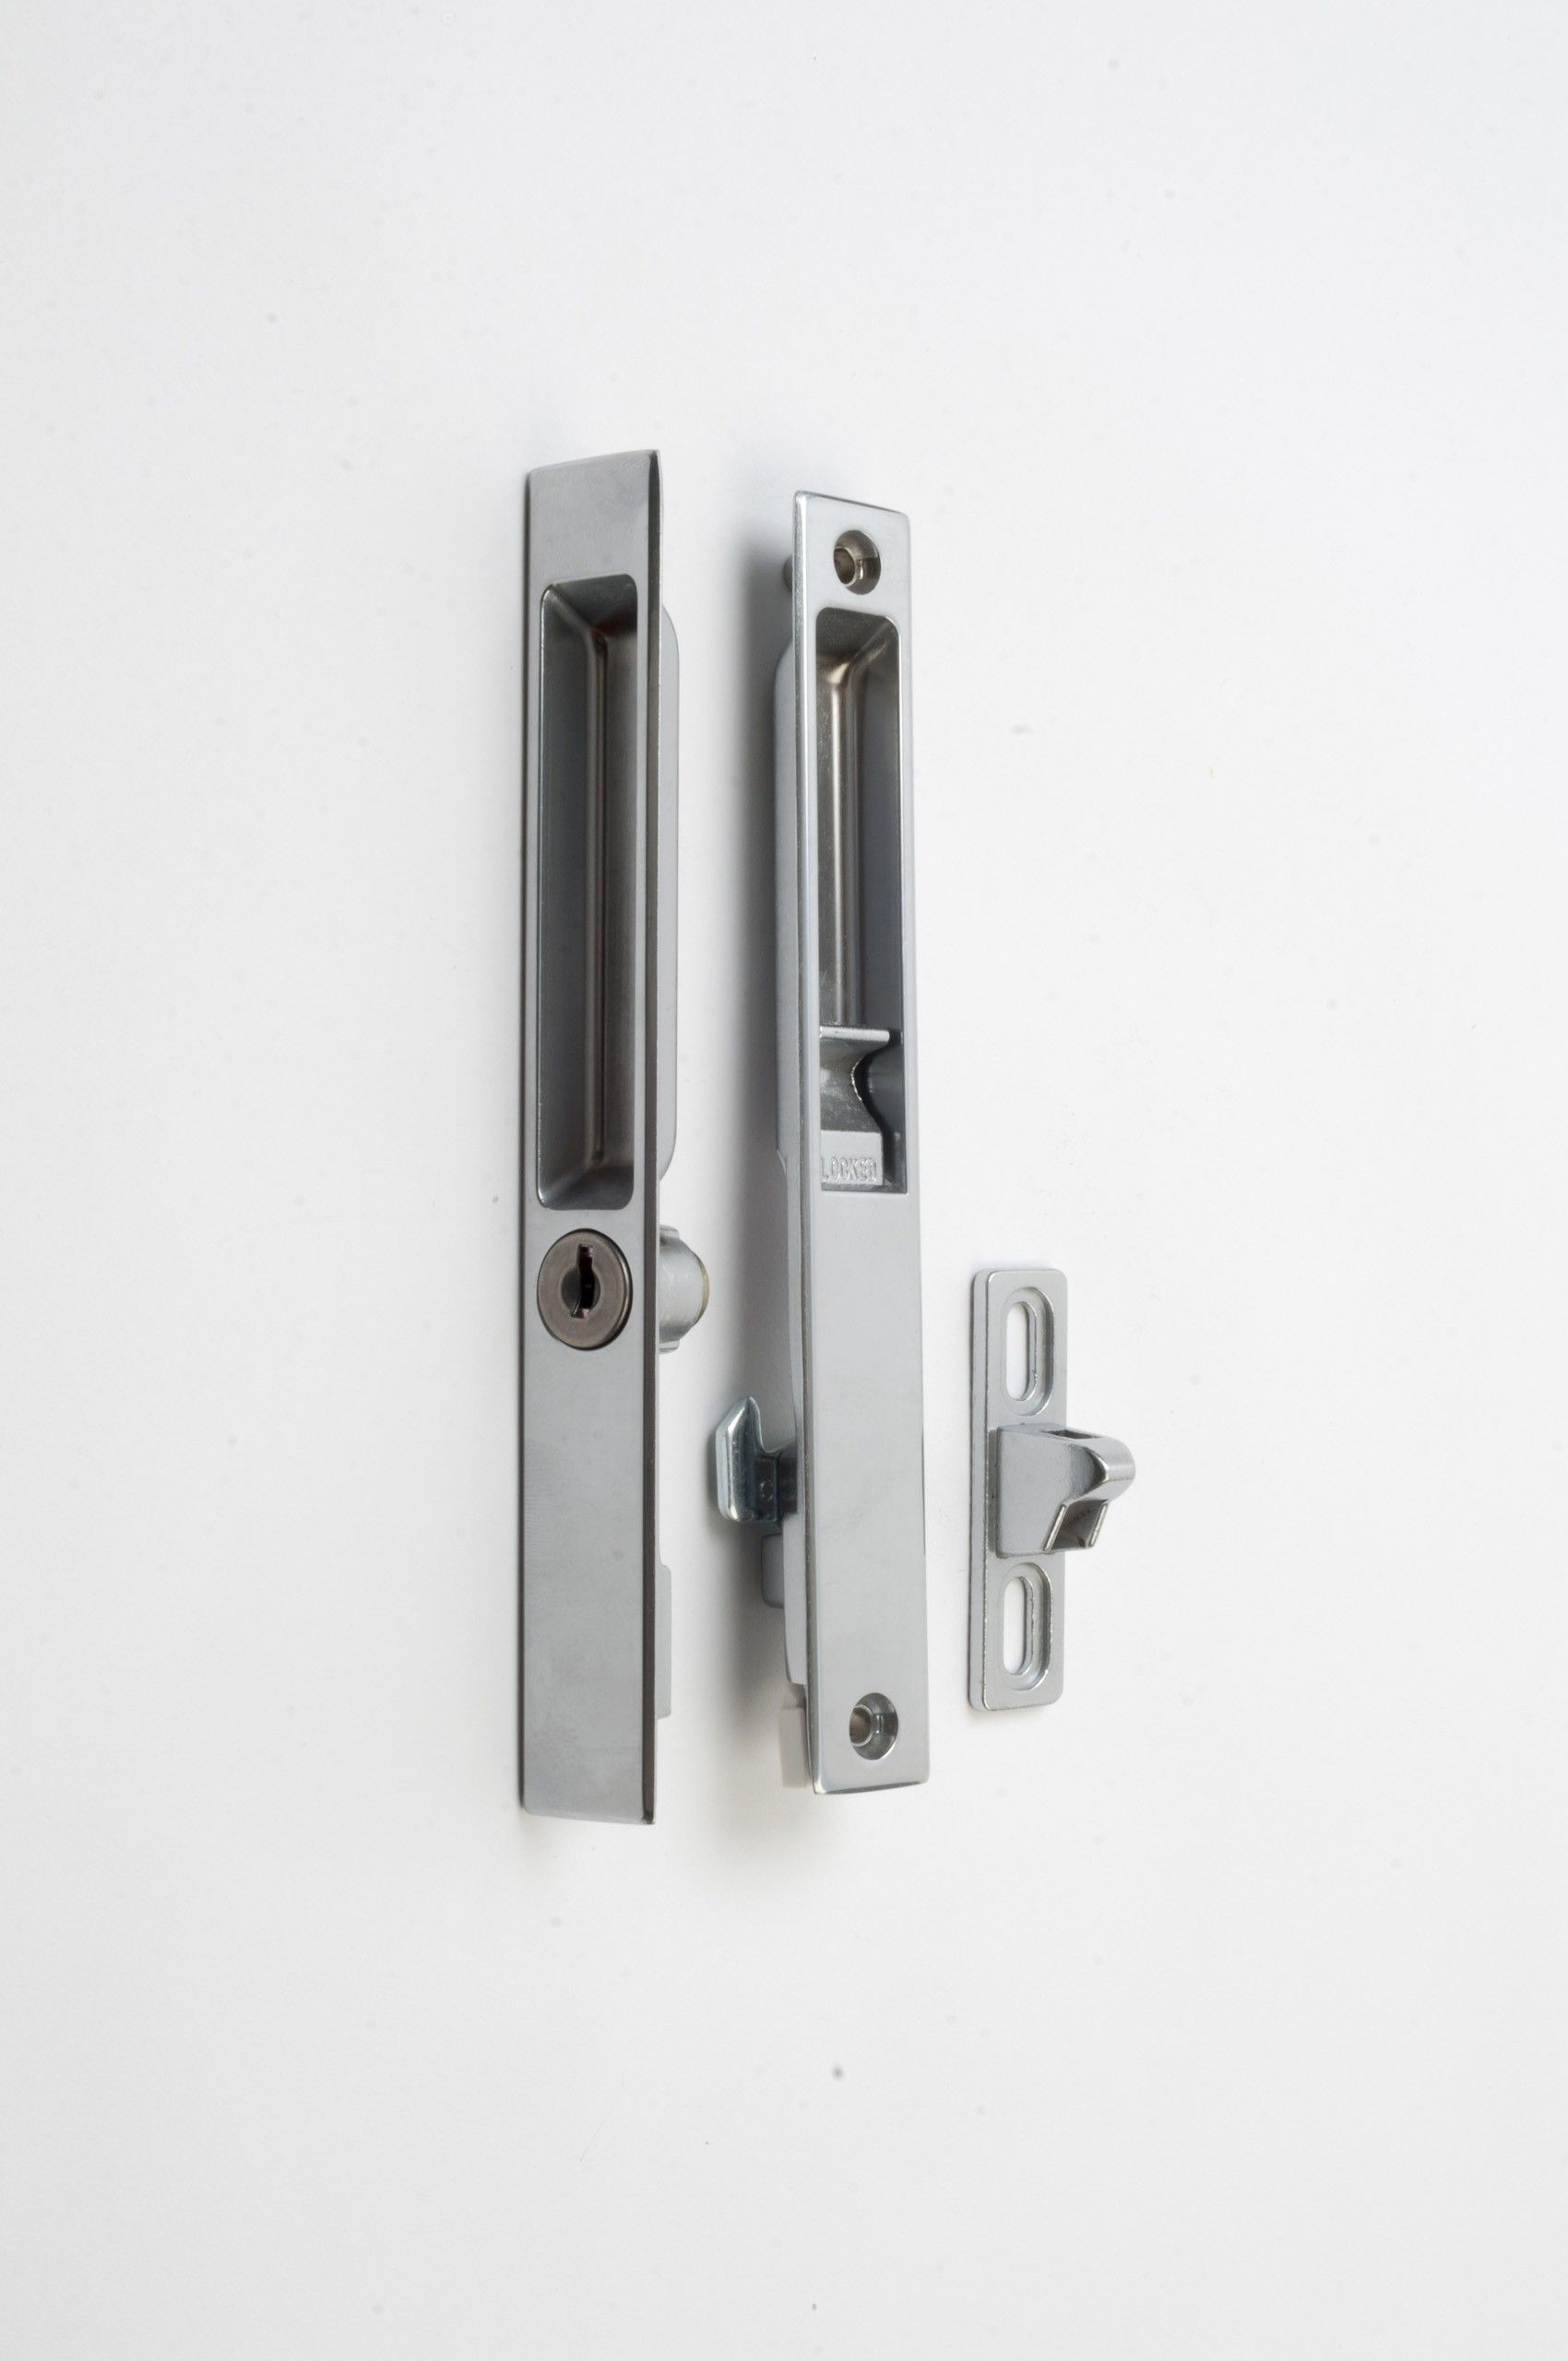 Best Of Sliding Glass Door Handle With Key Lock Key Lock Door